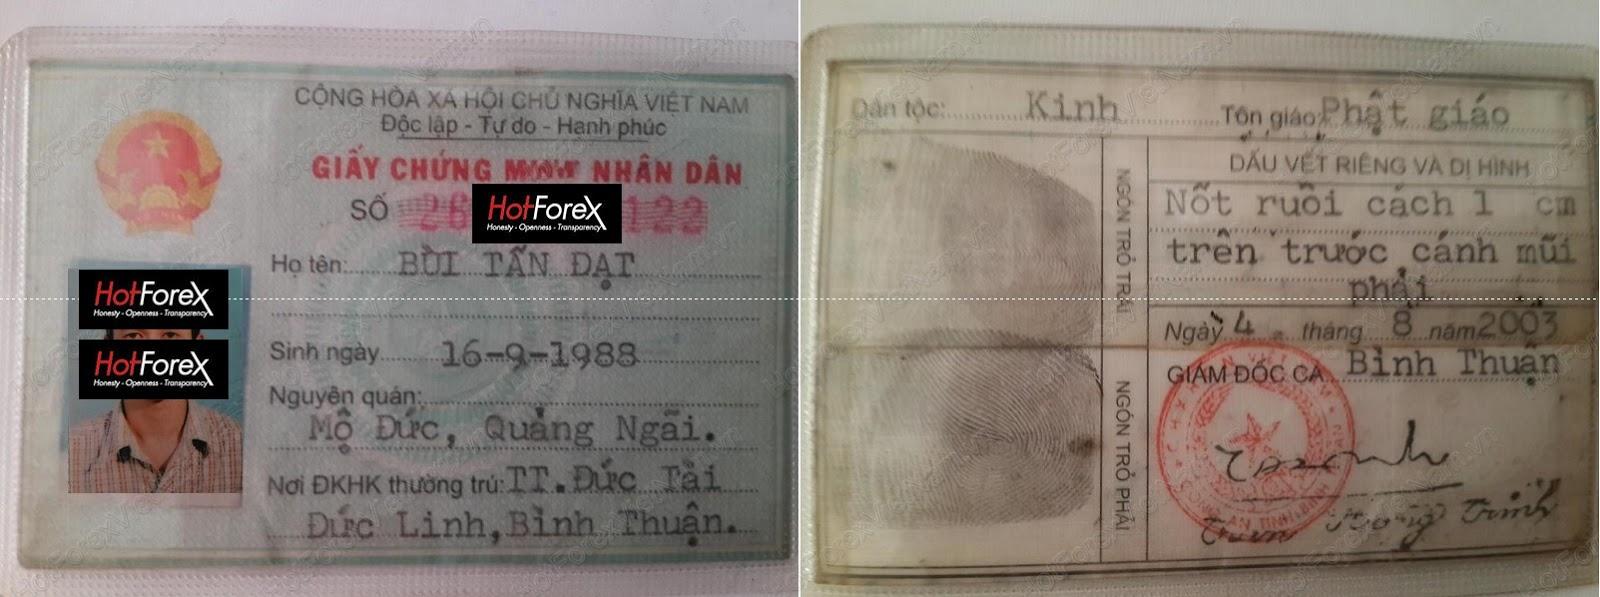 Mở tài khoản HotForex bằng Chứng Minh Thư